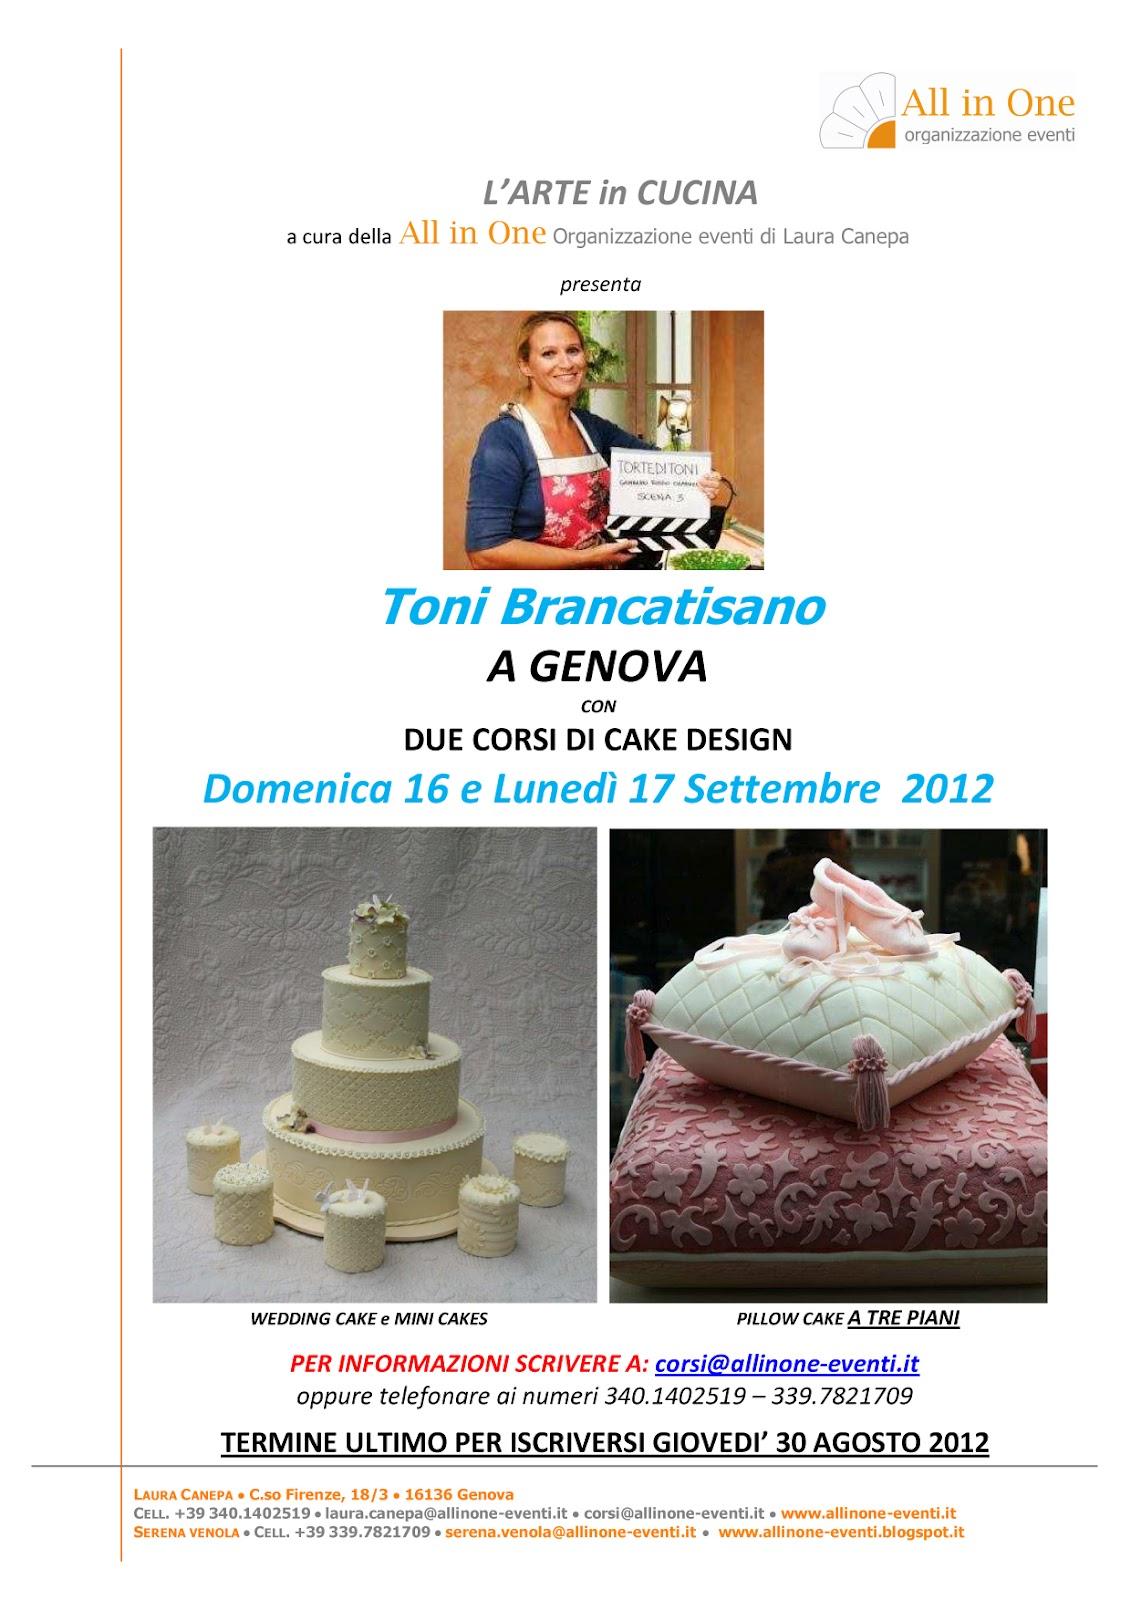 All in one organizzazione eventi toni brancatisano a genova con wedding cake e mini cakes e - Corsi di cucina genova ...